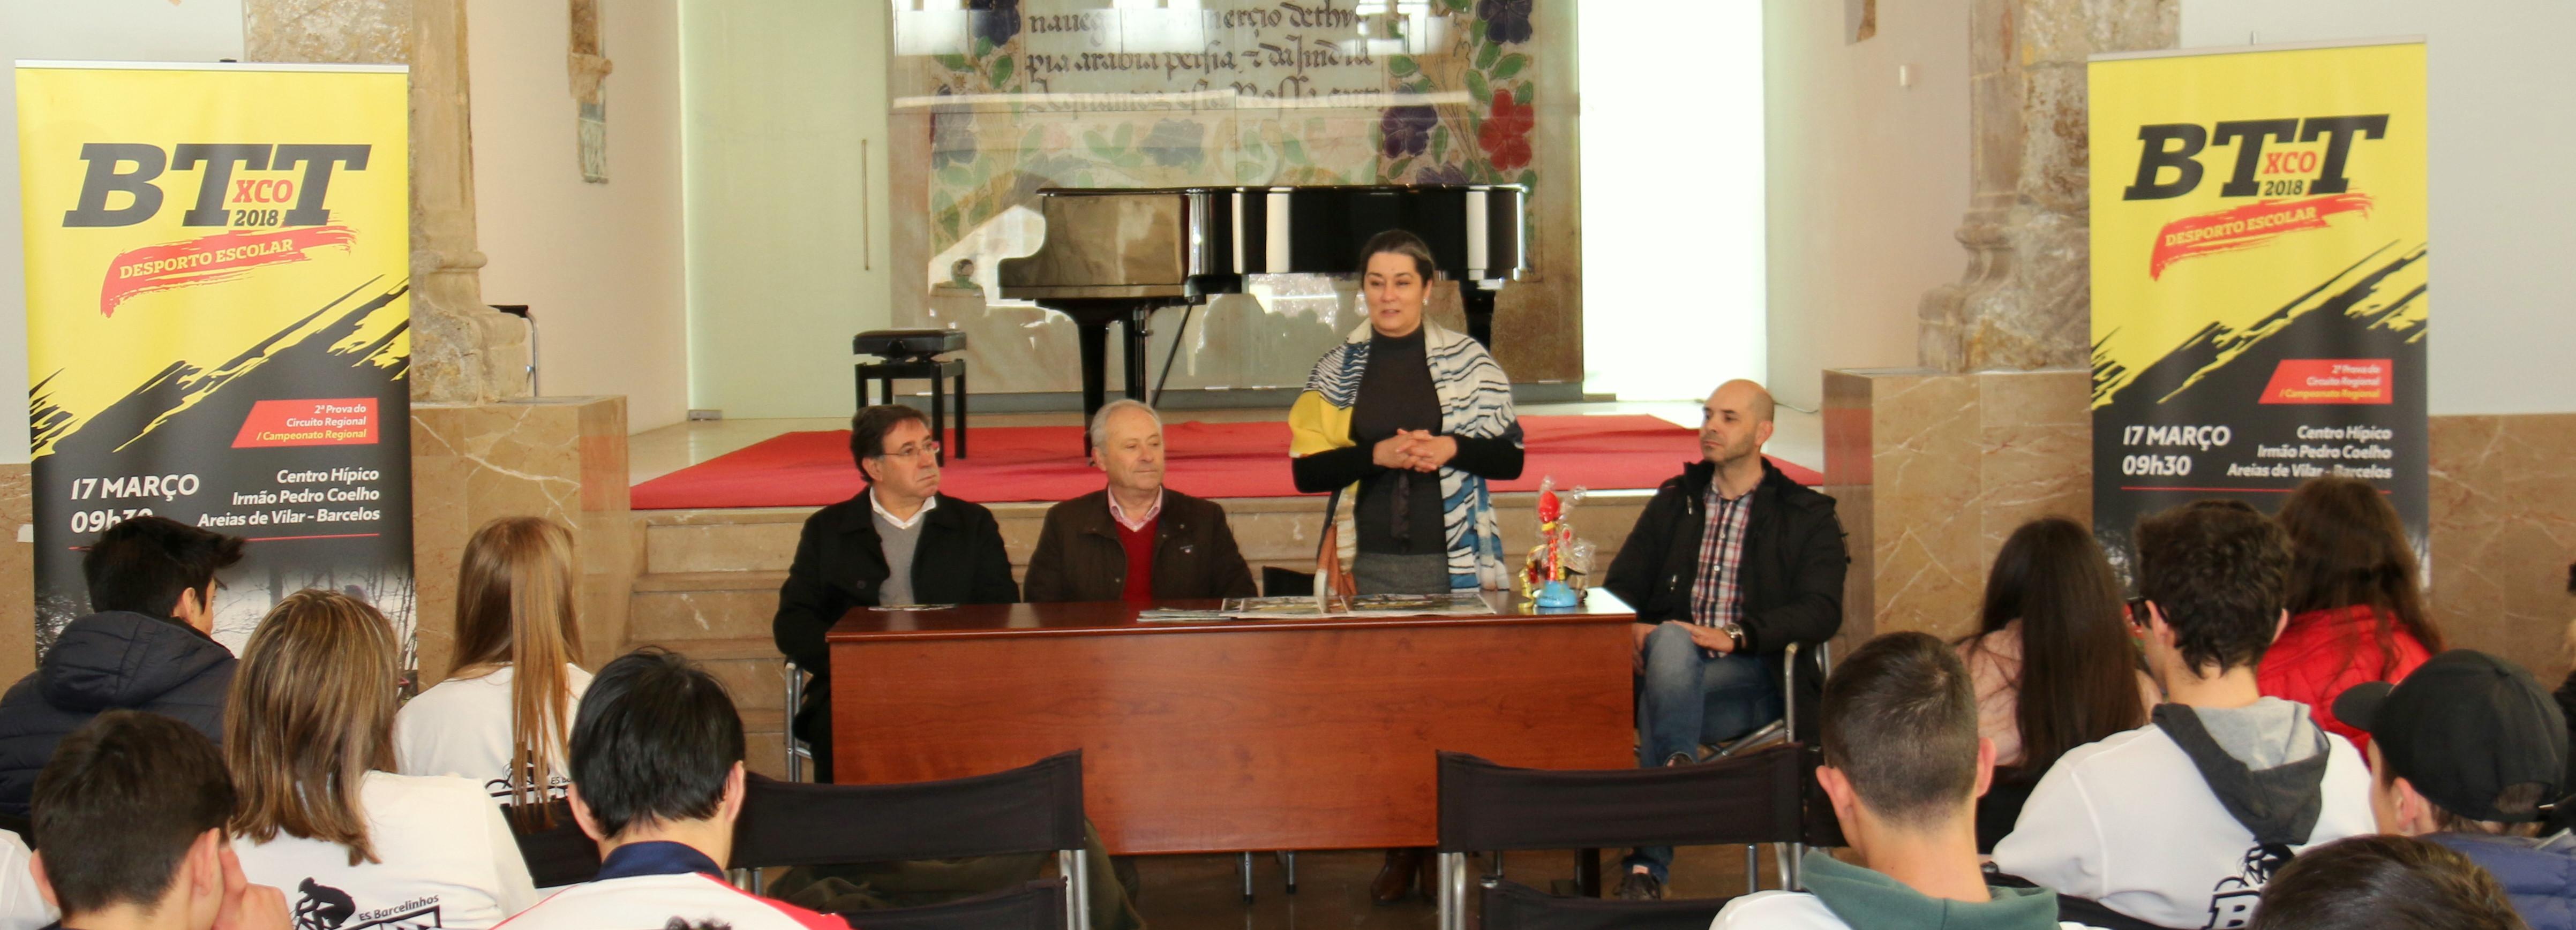 Município de Barcelos apresenta 2.ª prova do Circuito Regional de BTT do Desporto Escolar